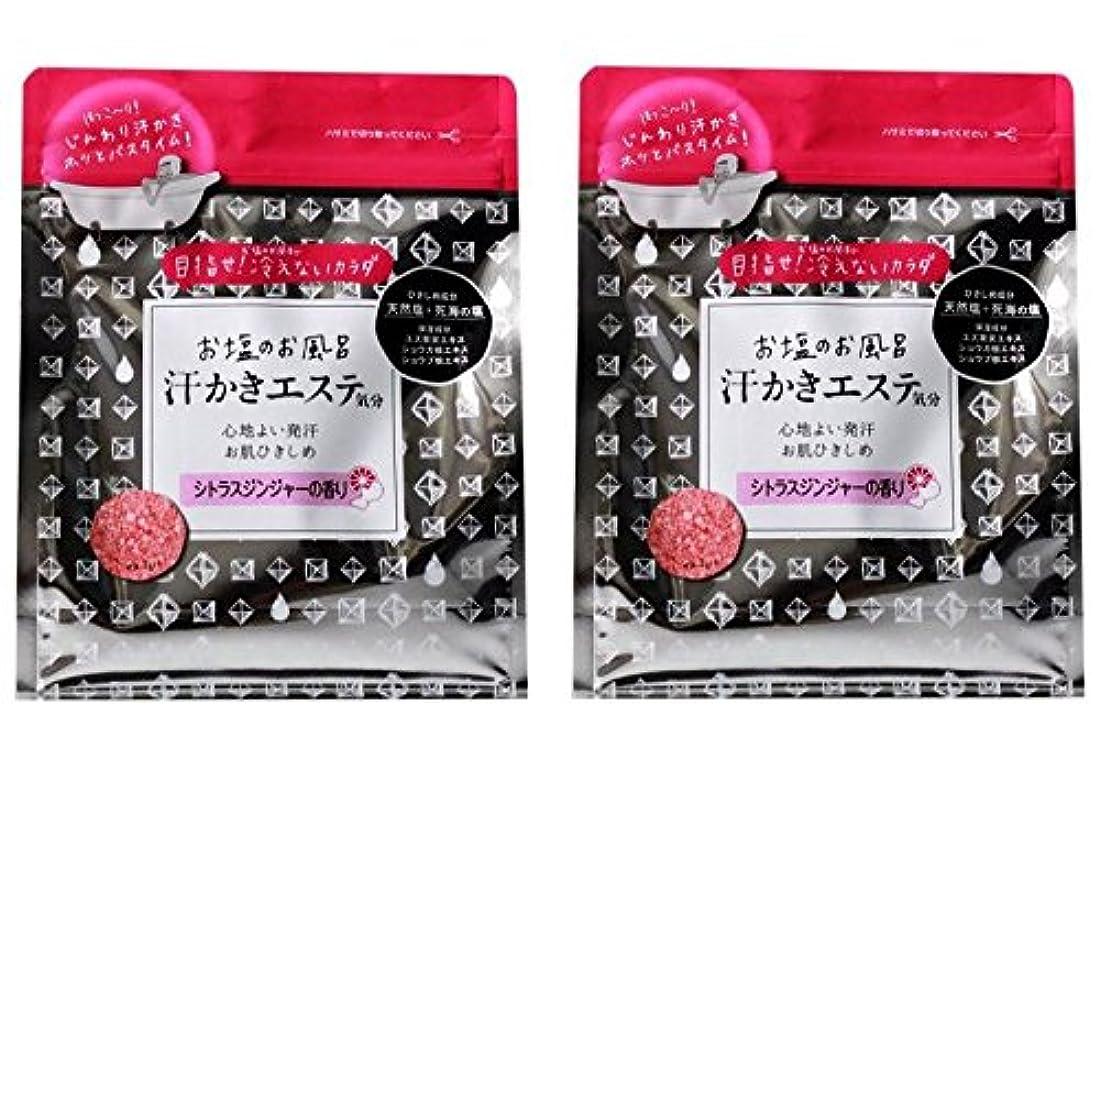 リード省パレード【まとめ買い】マックス 汗かきエステ気分 シトラスジンジャーの香り 500g × 2個